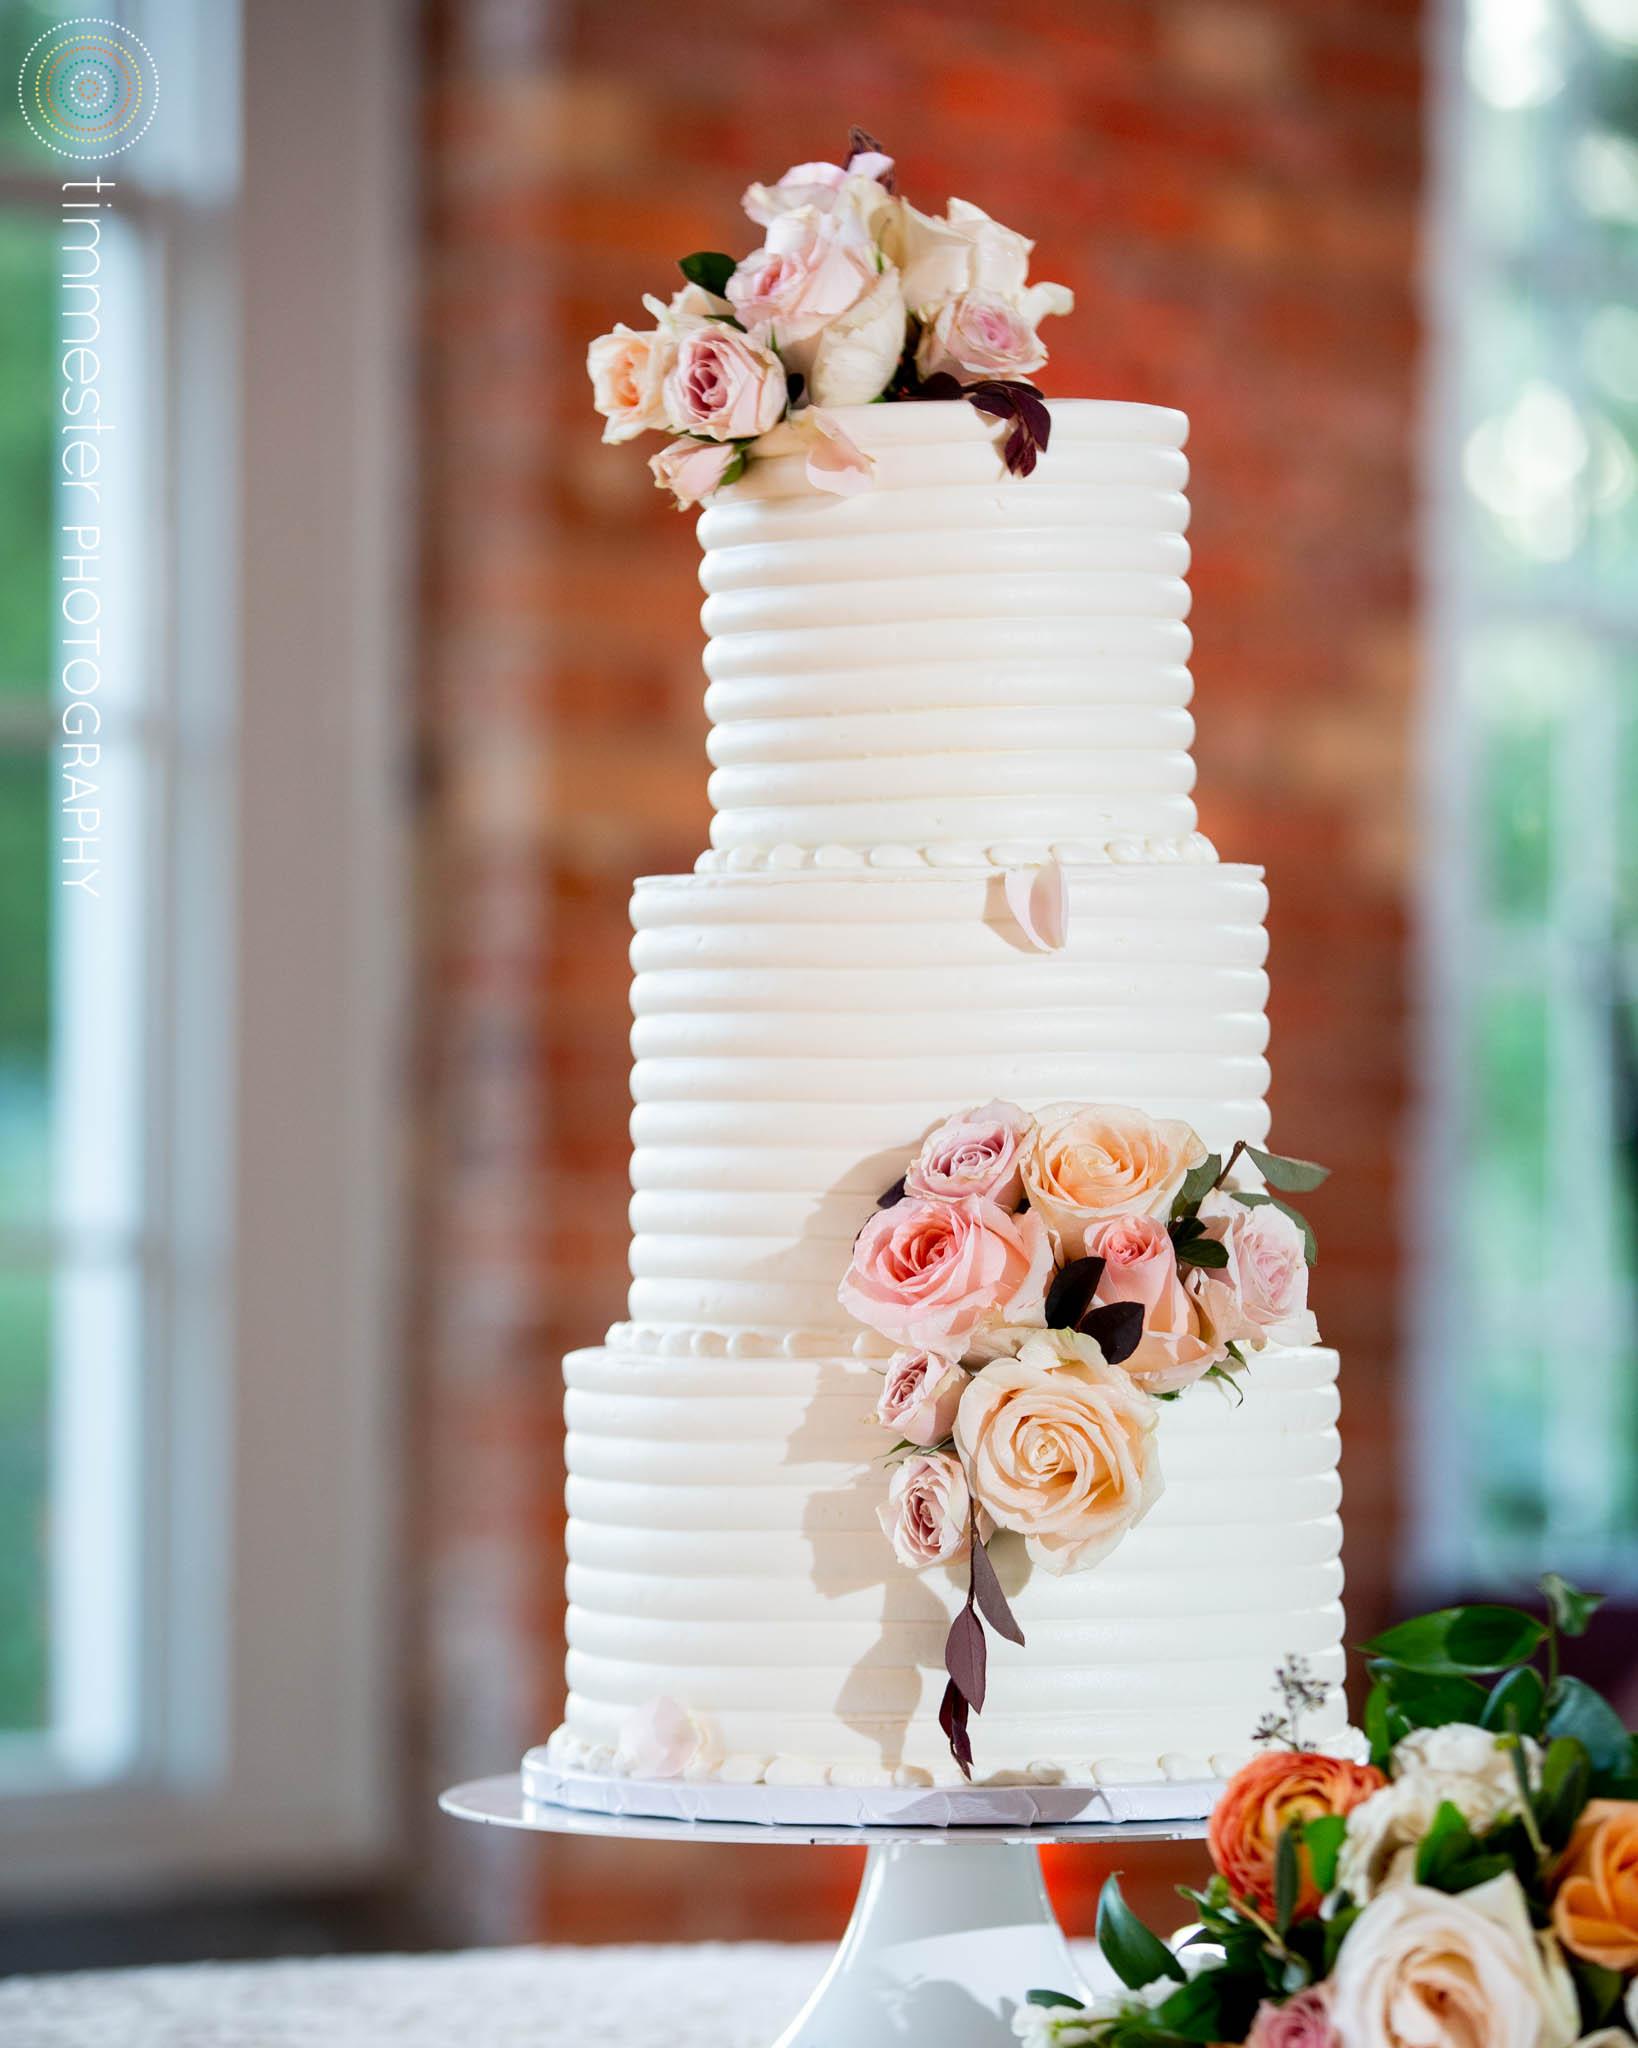 Timmester Photography_Huguet Wedding_169.jpg